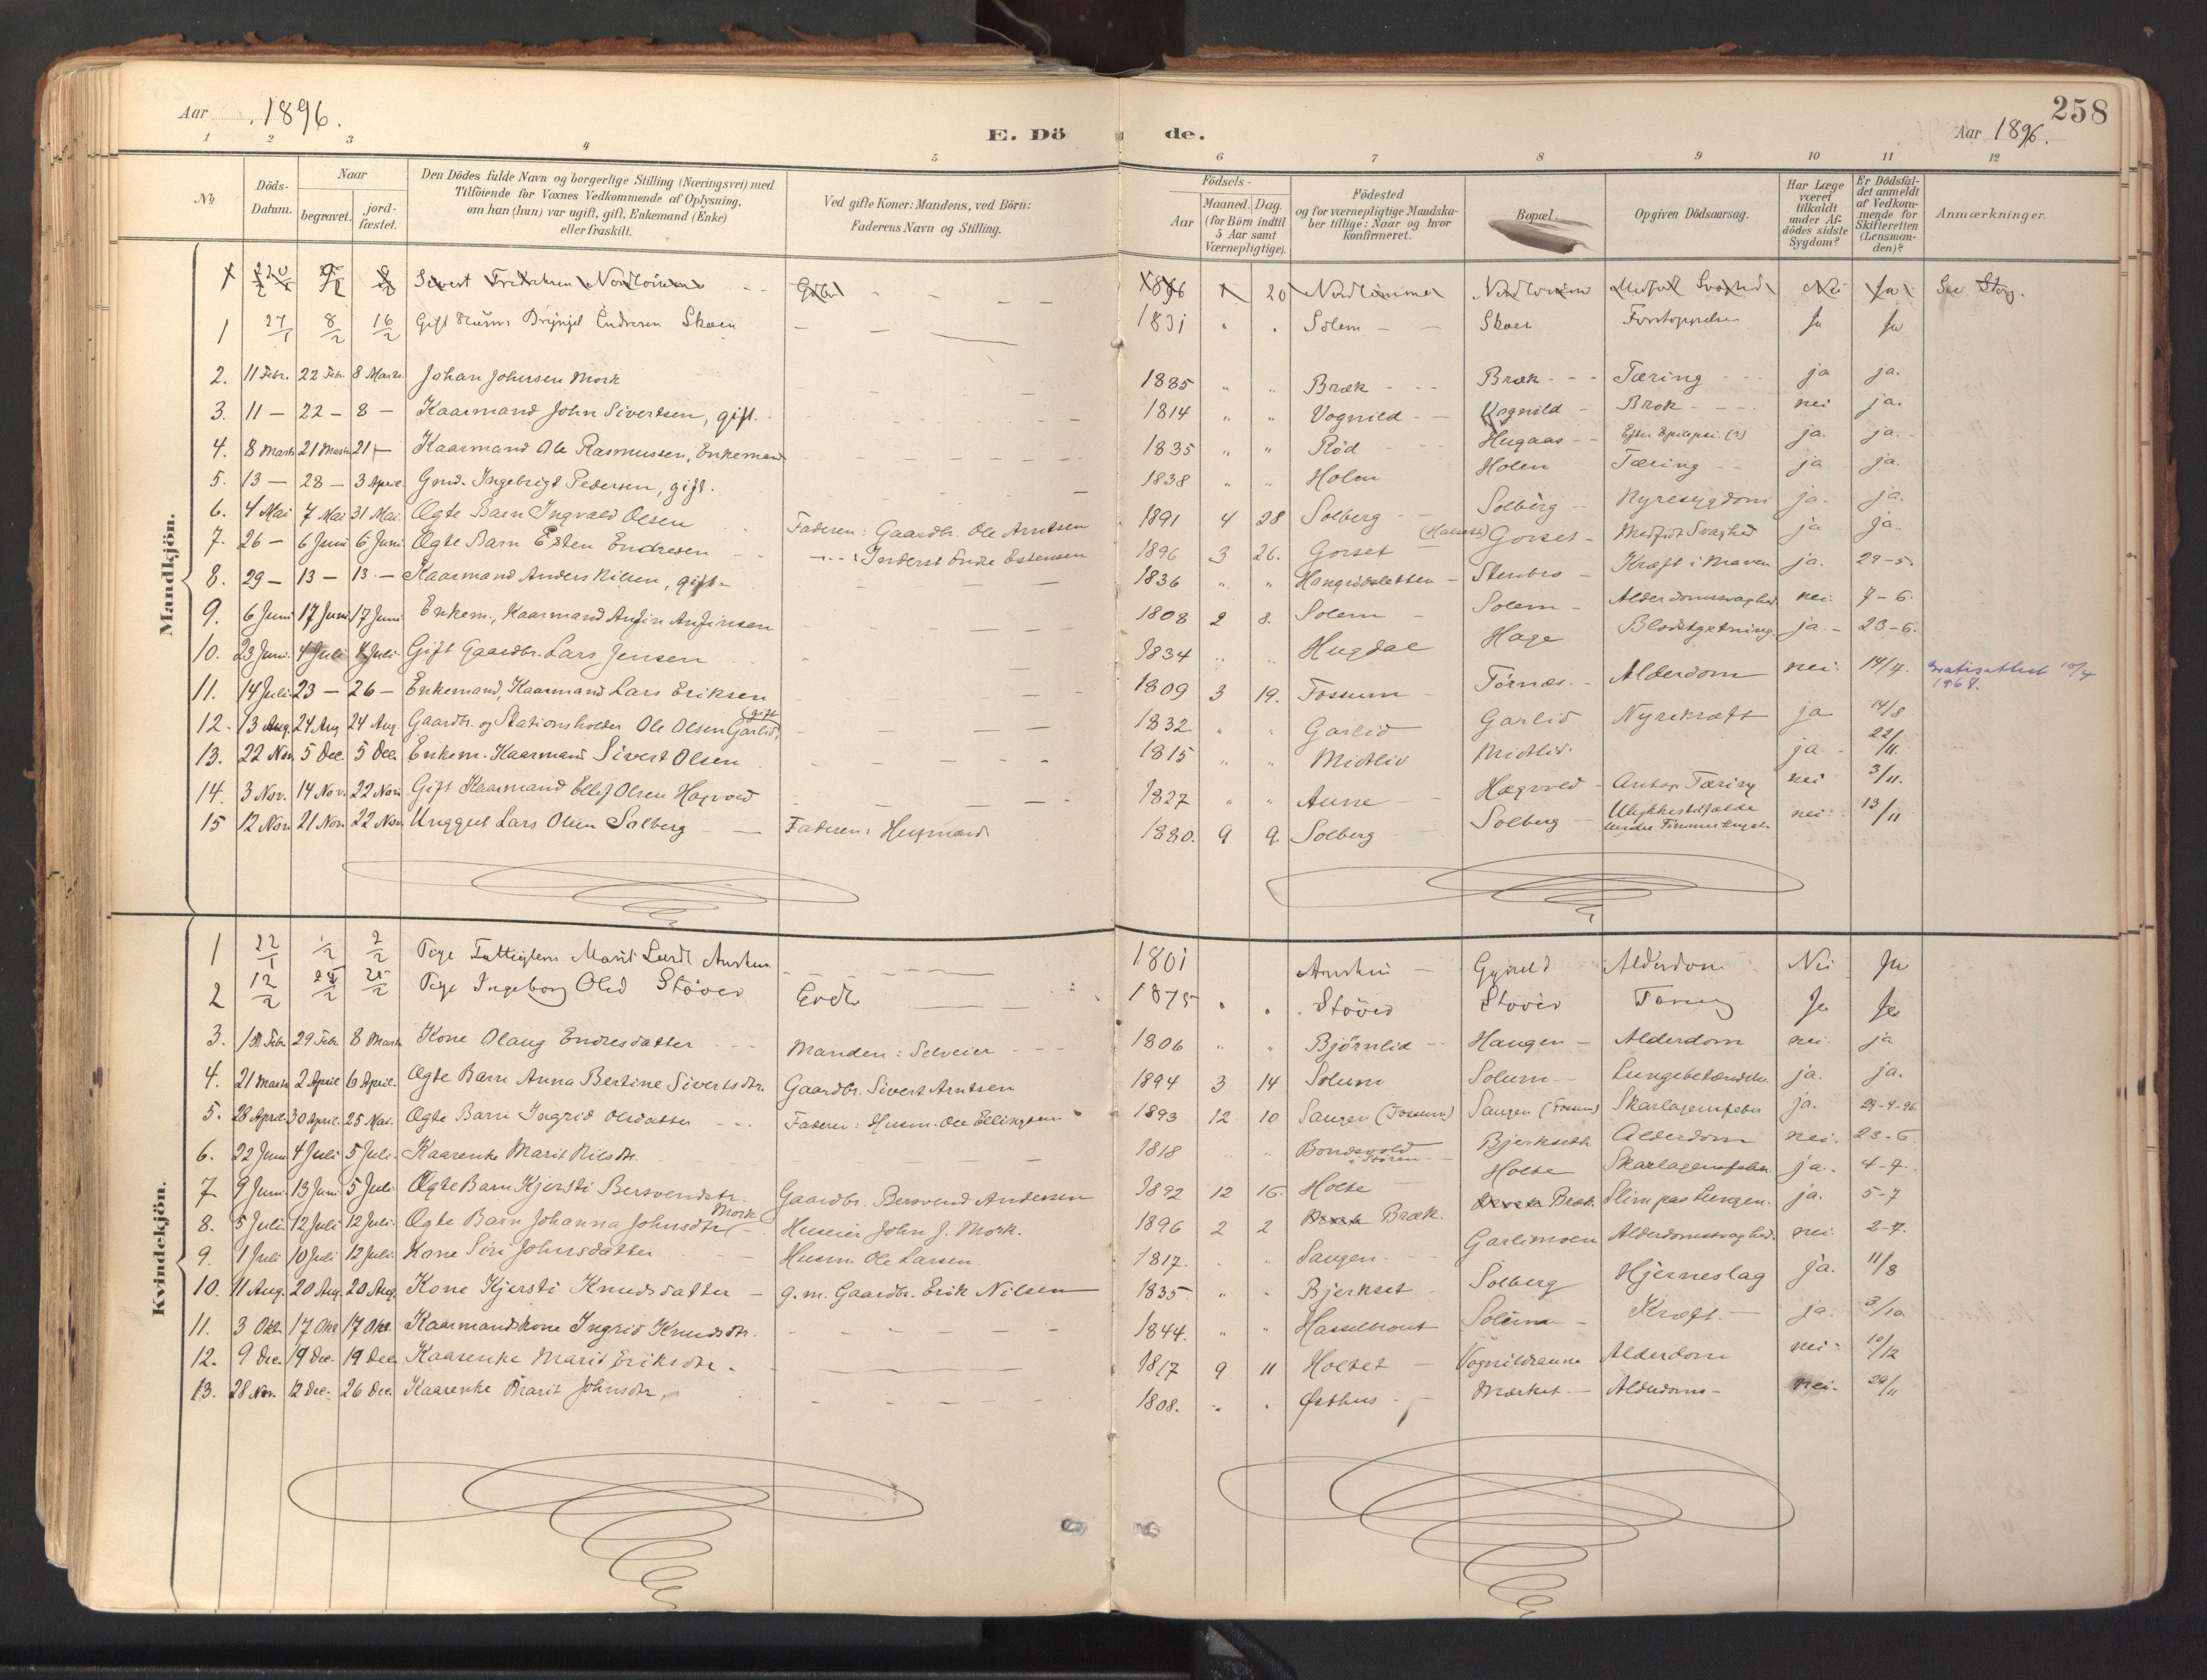 SAT, Ministerialprotokoller, klokkerbøker og fødselsregistre - Sør-Trøndelag, 689/L1041: Ministerialbok nr. 689A06, 1891-1923, s. 258